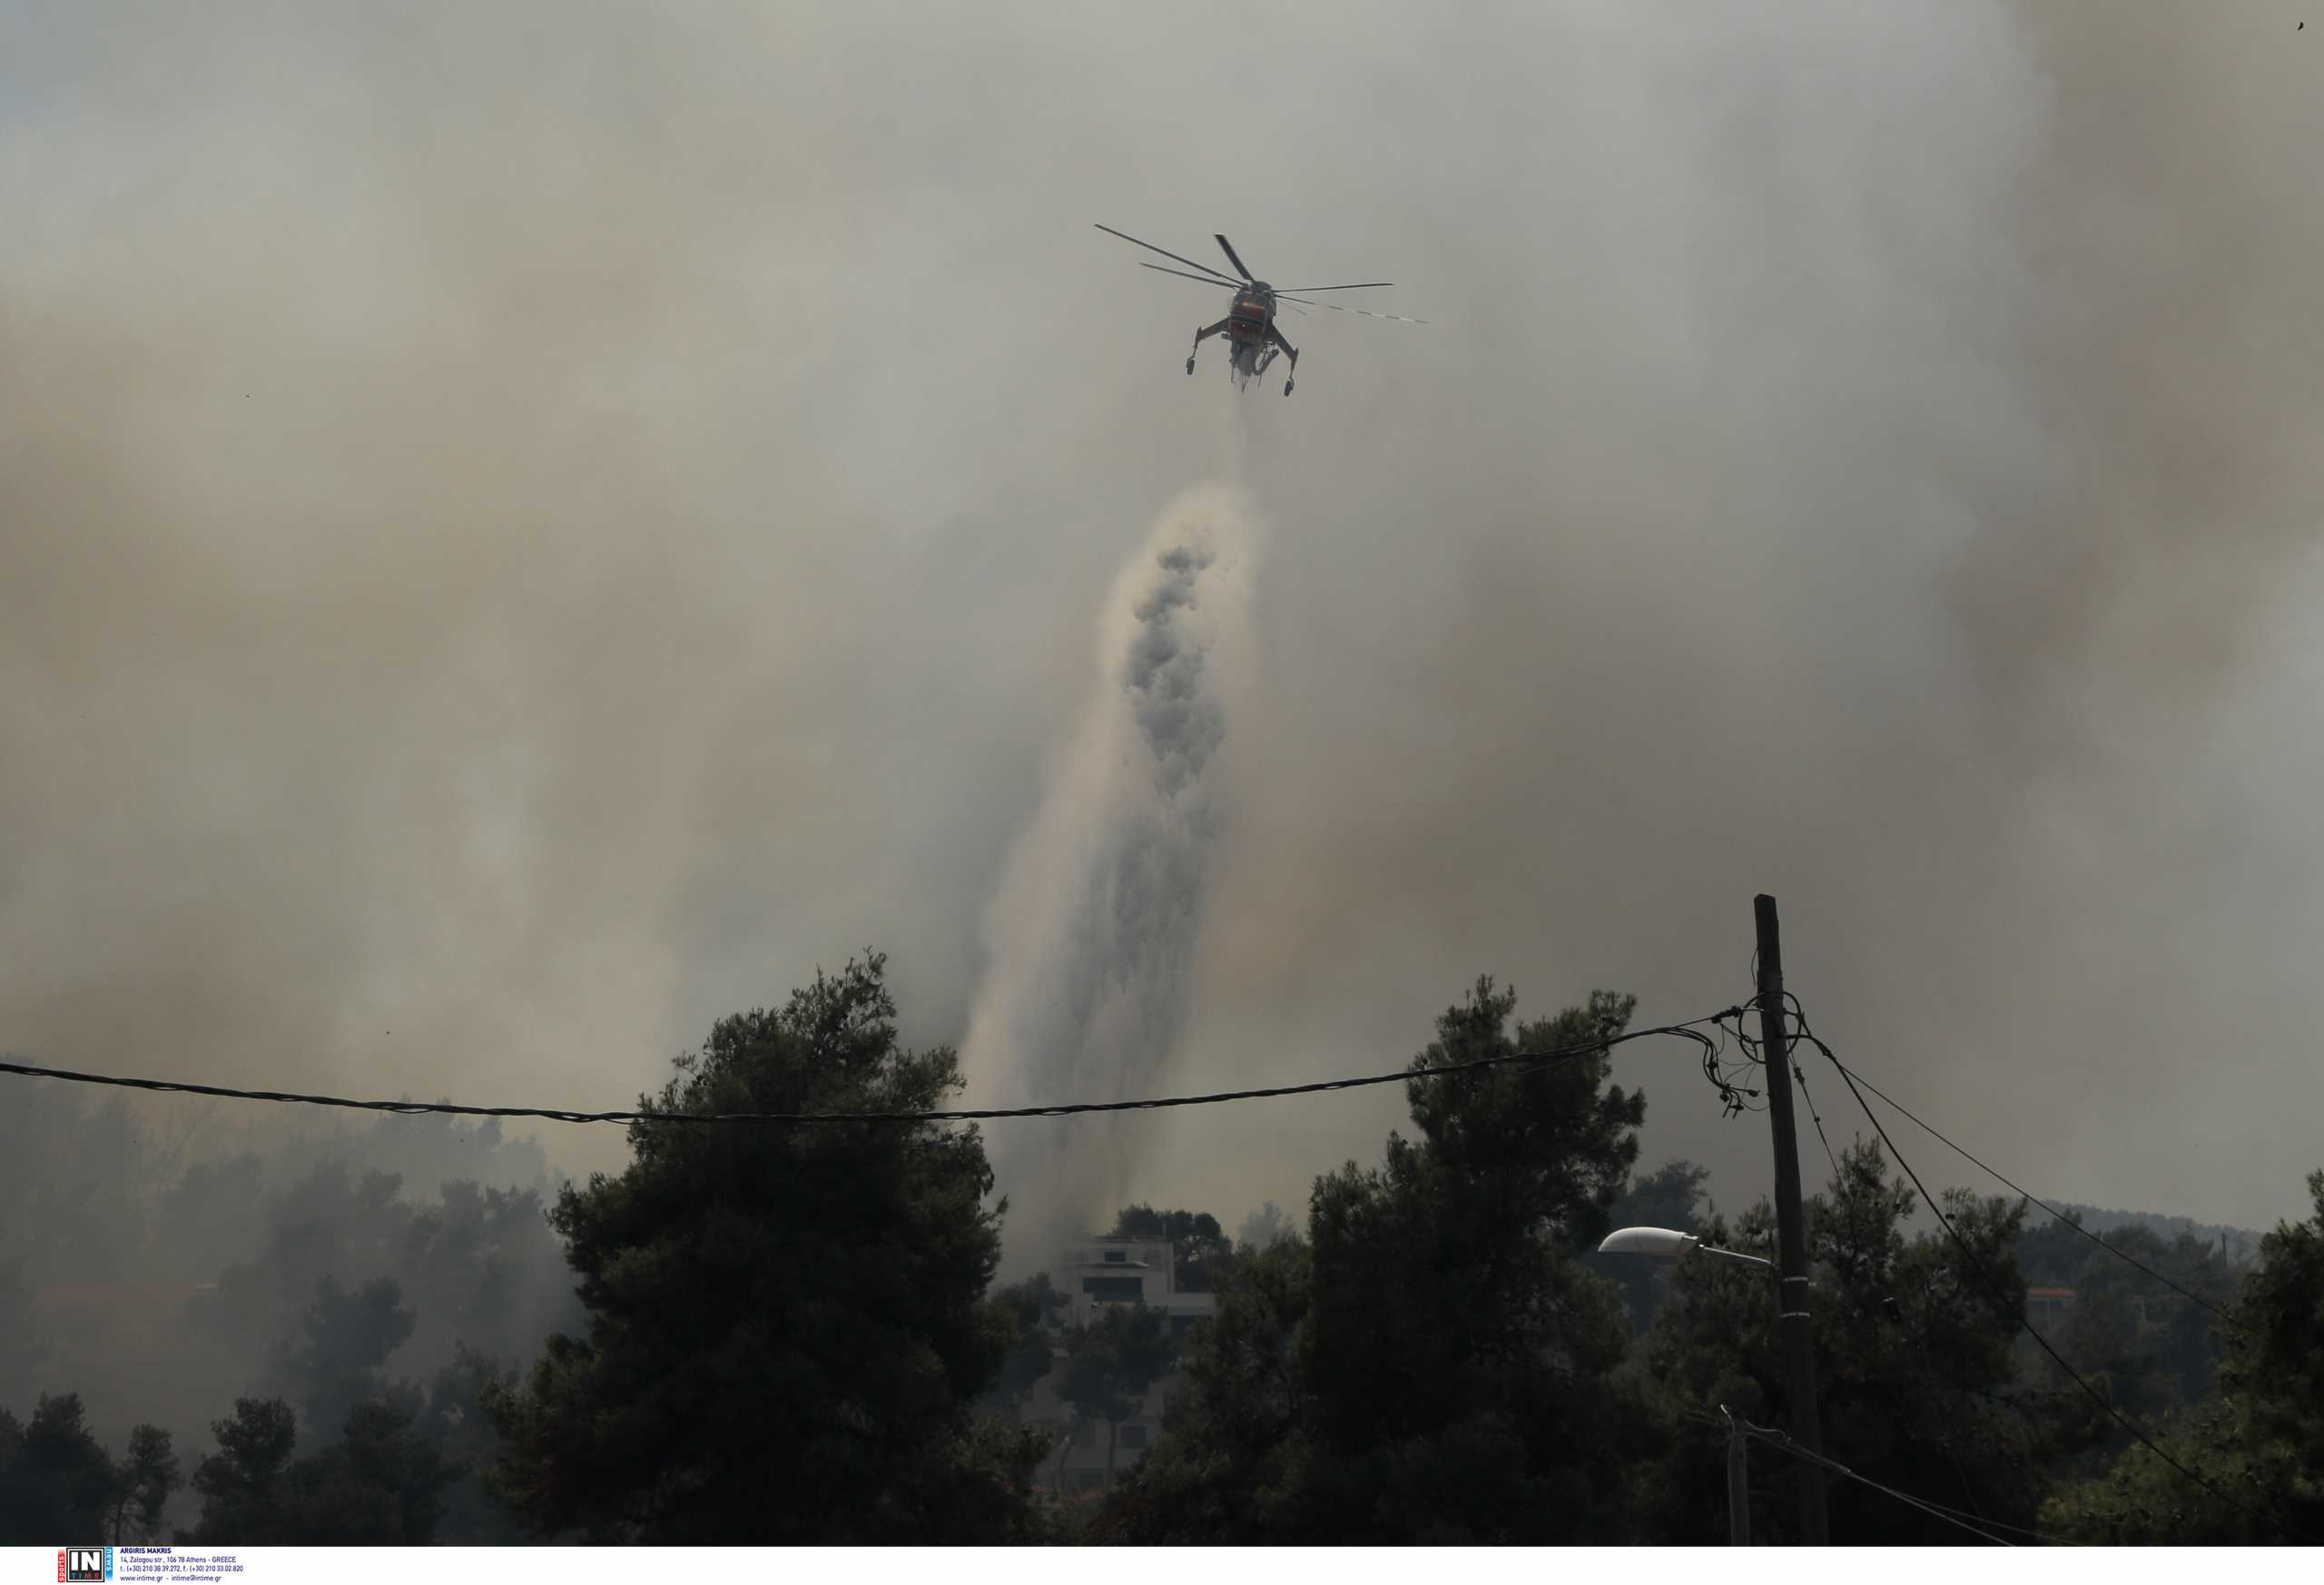 Φωτιά στην Σταμάτα: Νέο επείγον σήμα από το 112 – «Κλείστε καμινάδες, παράθυρα και πόρτες»